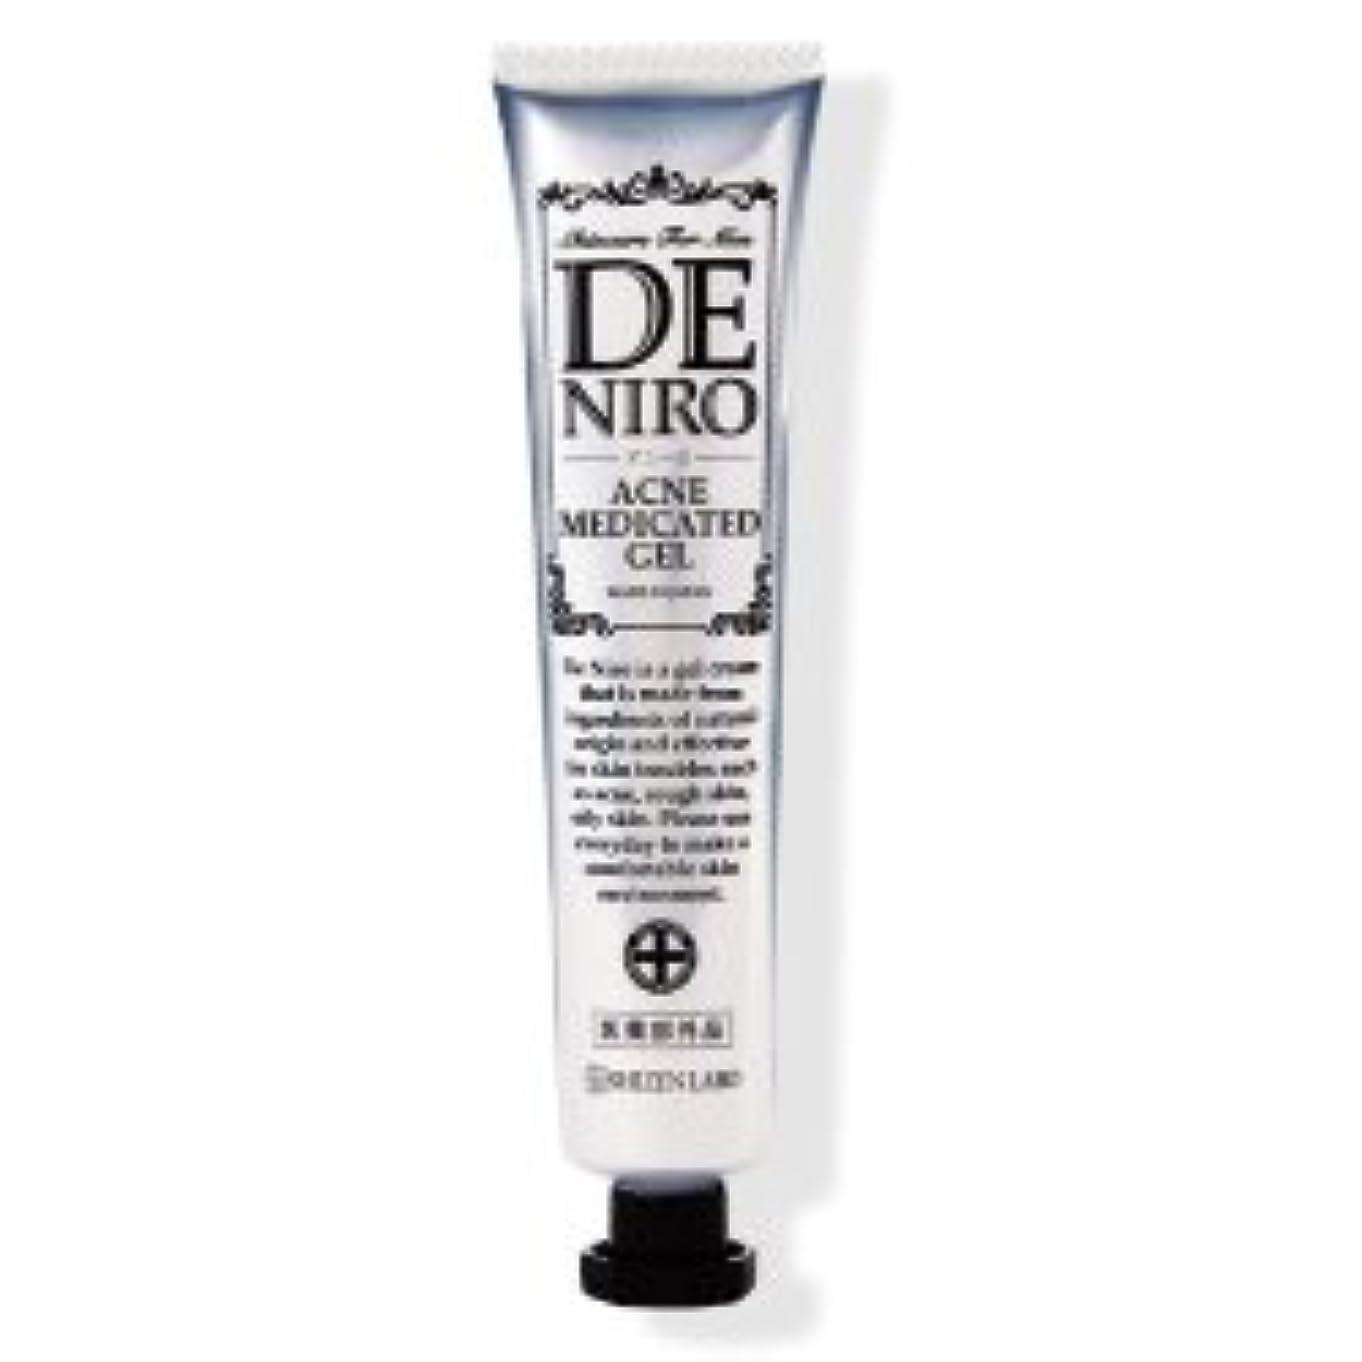 多くの危険がある状況岩鋸歯状デニーロ 45g (約1ヵ月分)【公式】薬用 DE NIRO 男のニキビ クリーム